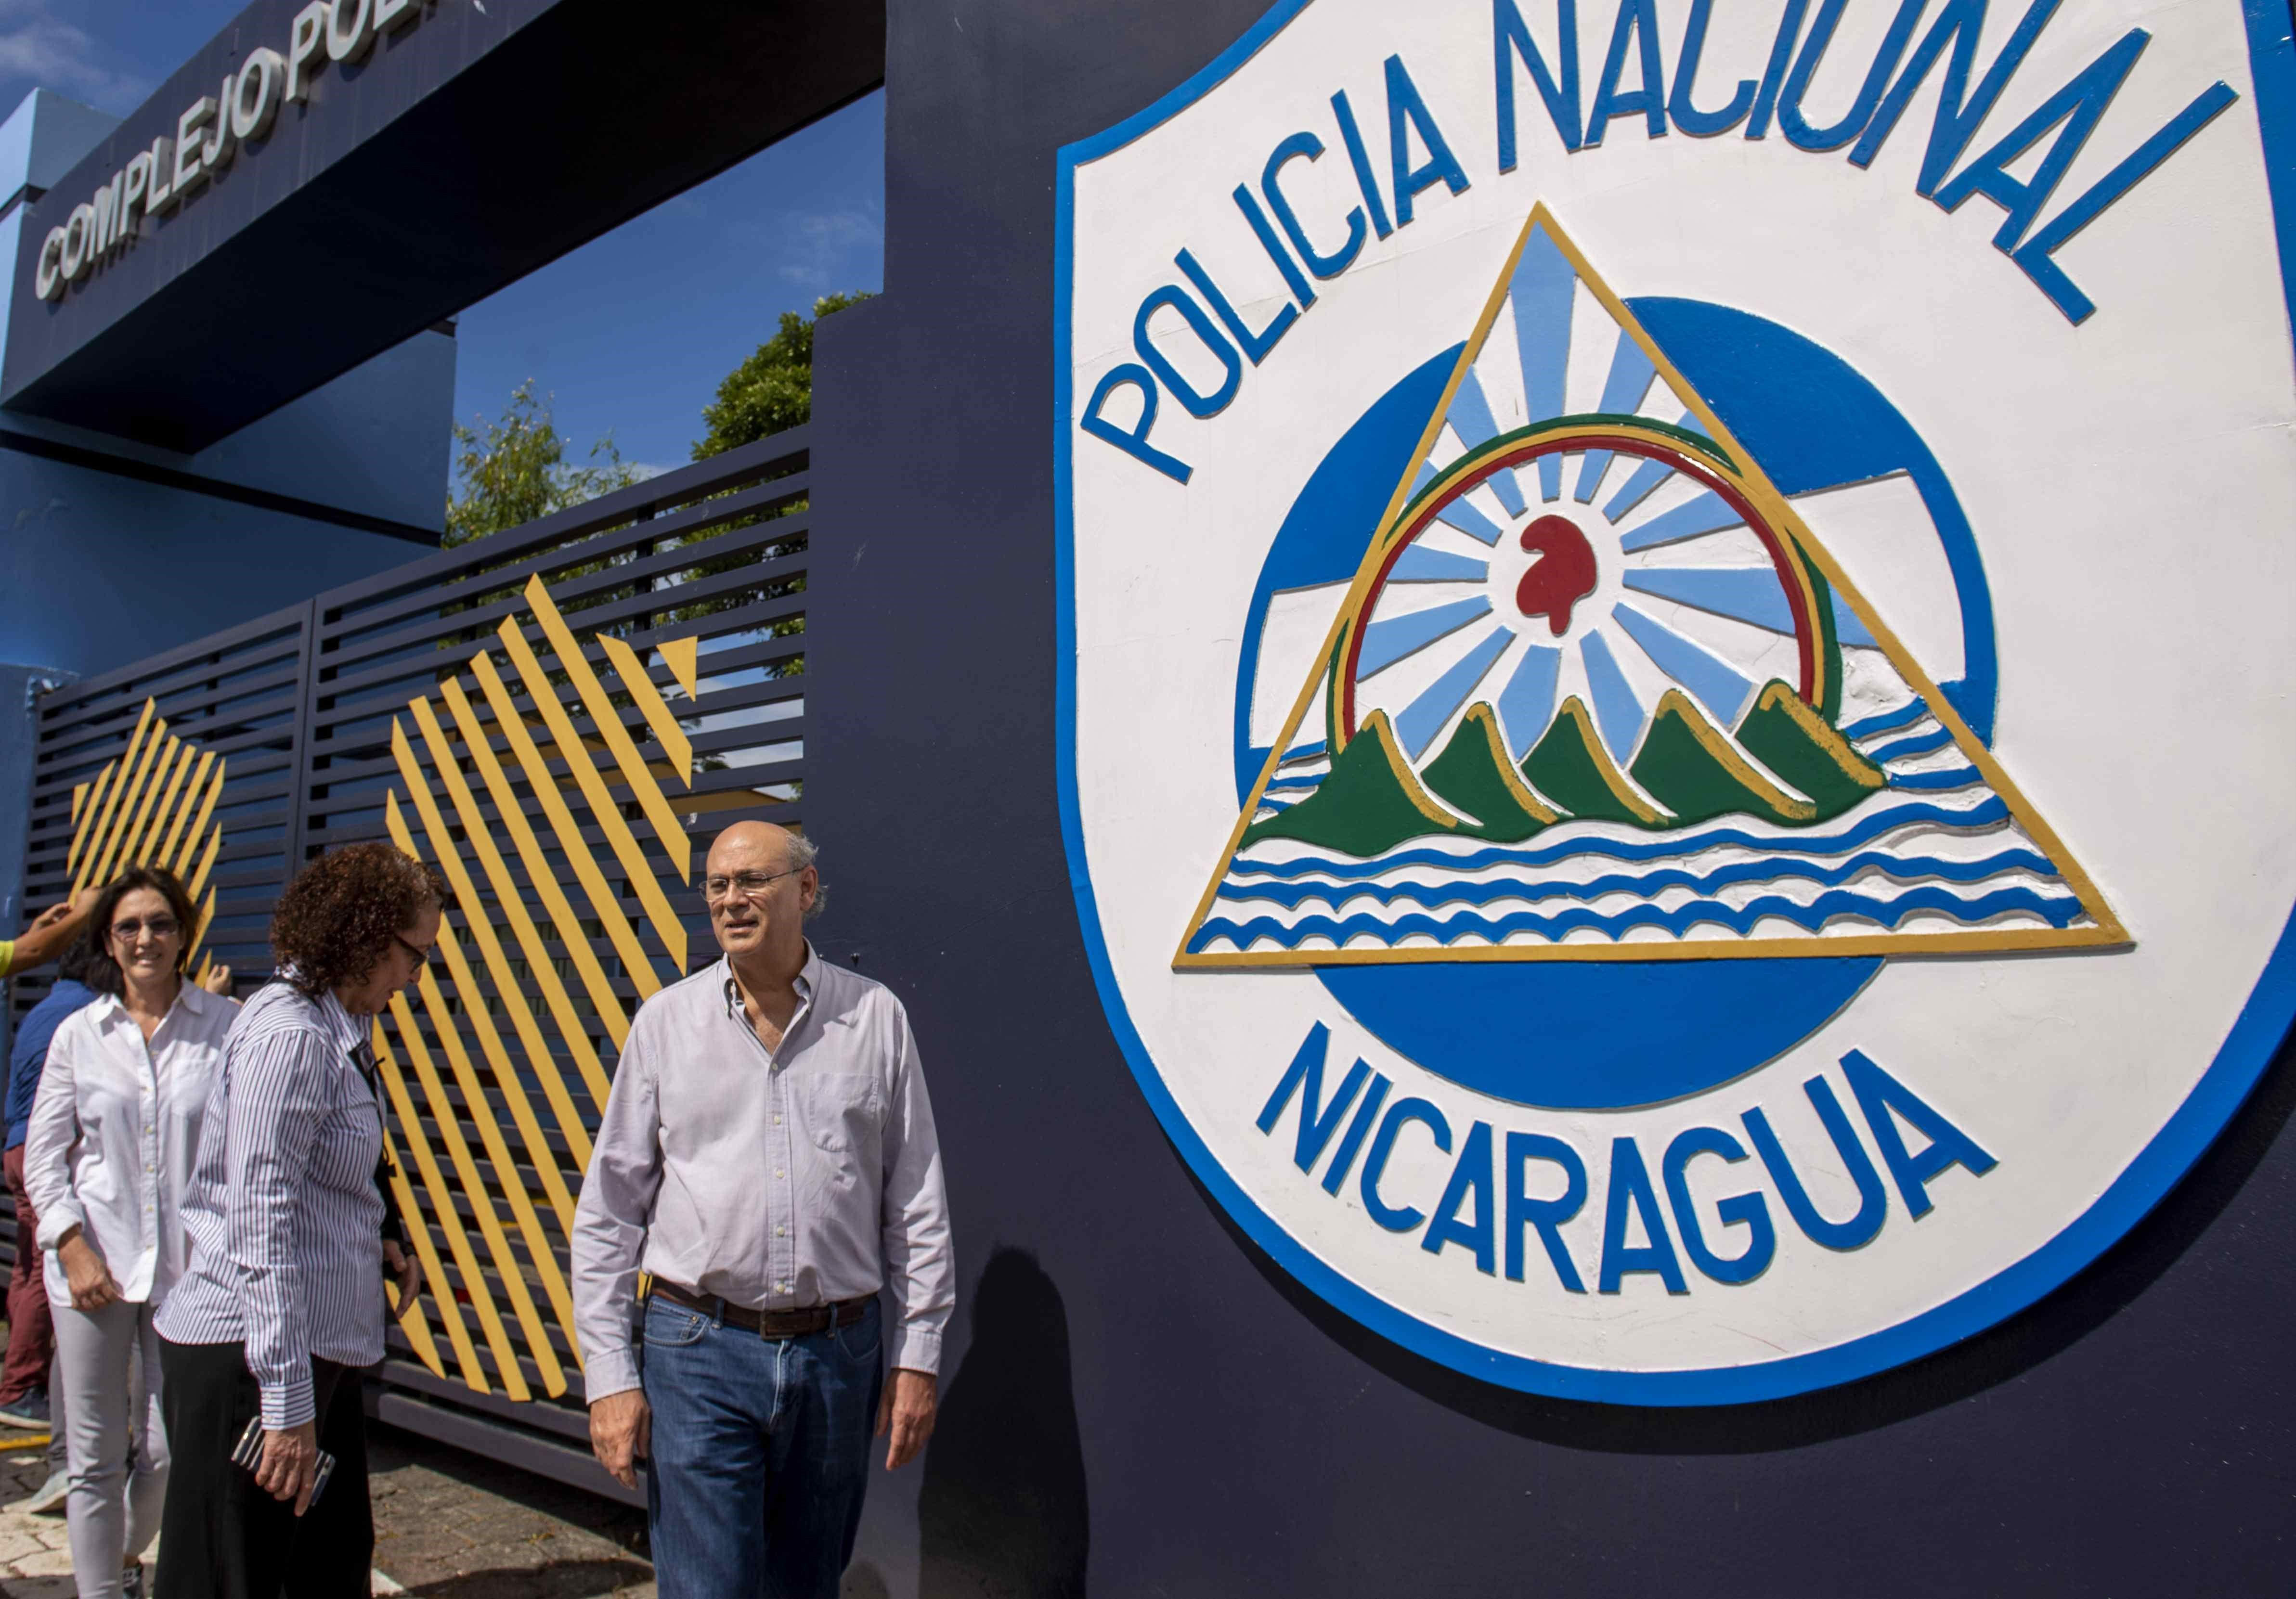 El director del semanario Confidencial, Carlos Fernando Chamorro, espera respuesta sobre el allanamiento del medio de comunicación en las afuera de la sede central de la policía nacional, hoy en Managua. (EFE/Jorge Torre)